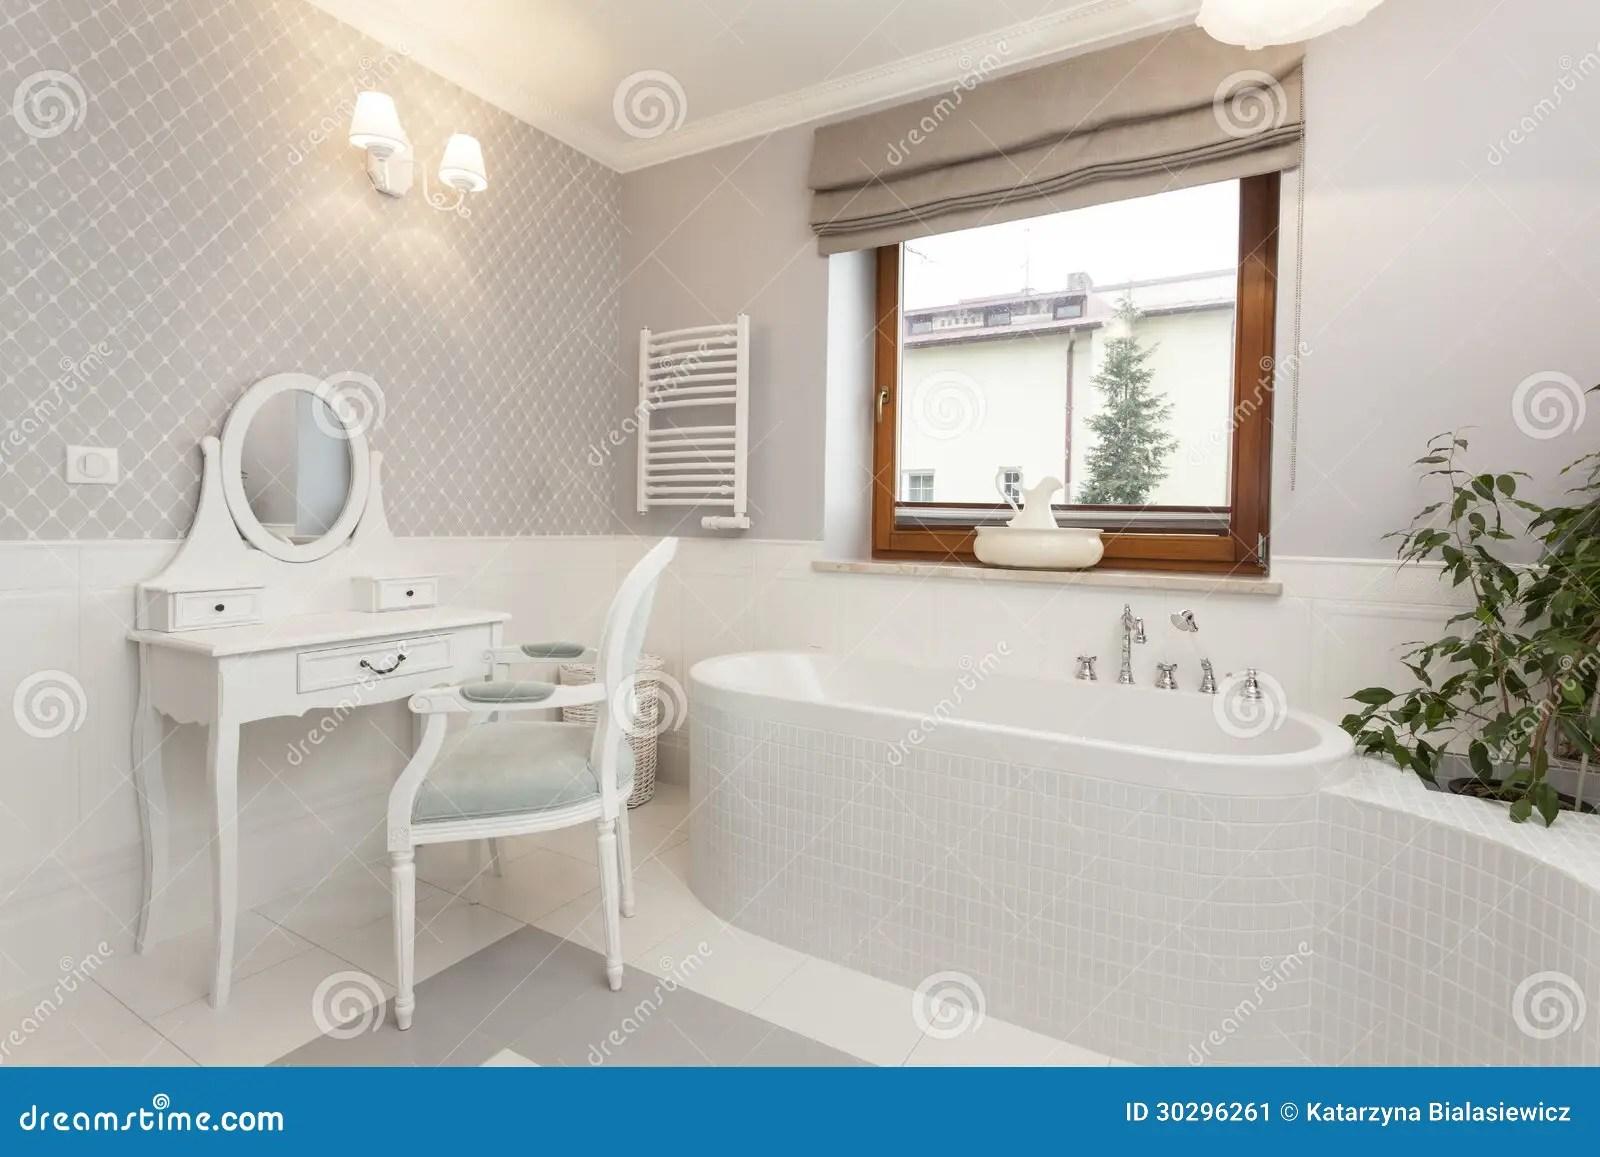 La Toscane Salle De Bains Avec La Coiffeuse Image Stock Image Du Toscane Salle 30296261